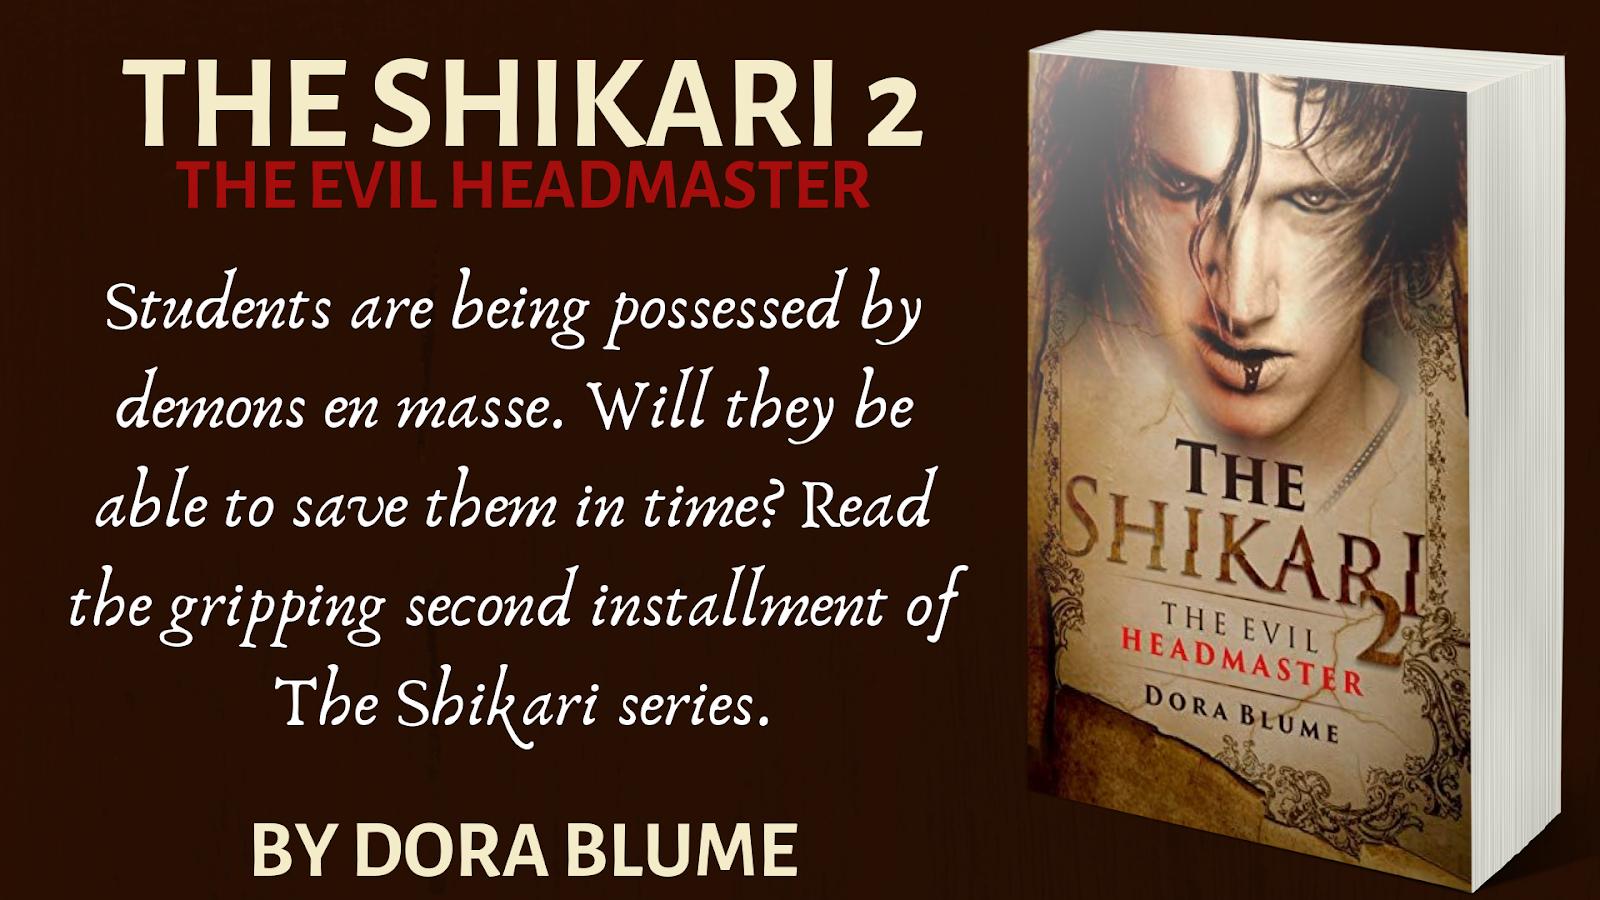 The Shikari 2